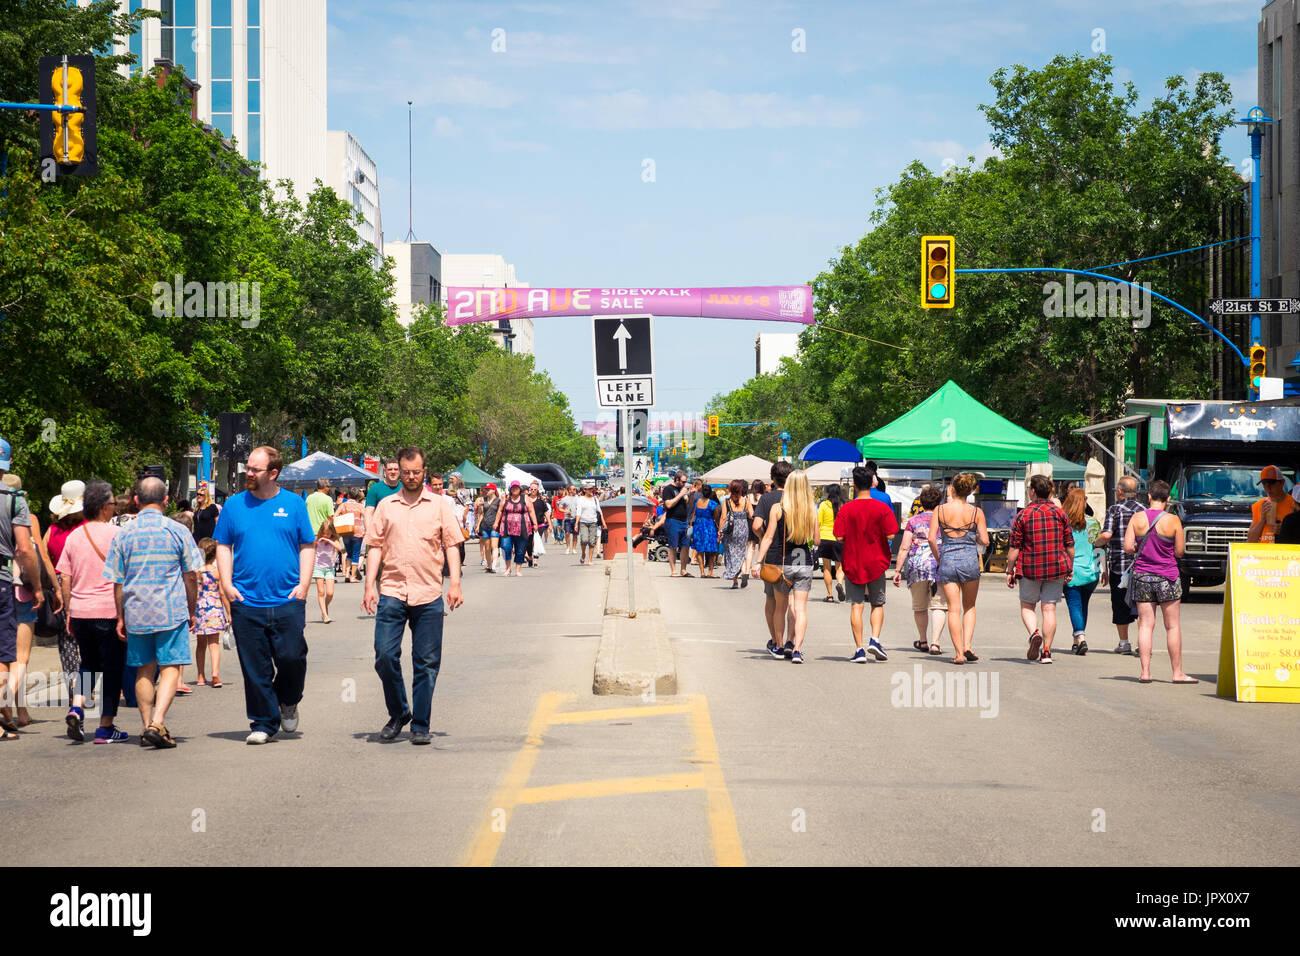 La 2nd Avenue acera Venta en Saskatoon, Saskatchewan, Canadá. Una tradición de Saskatoon, la vereda venta marcó su 41º aniversario en 2017. Foto de stock